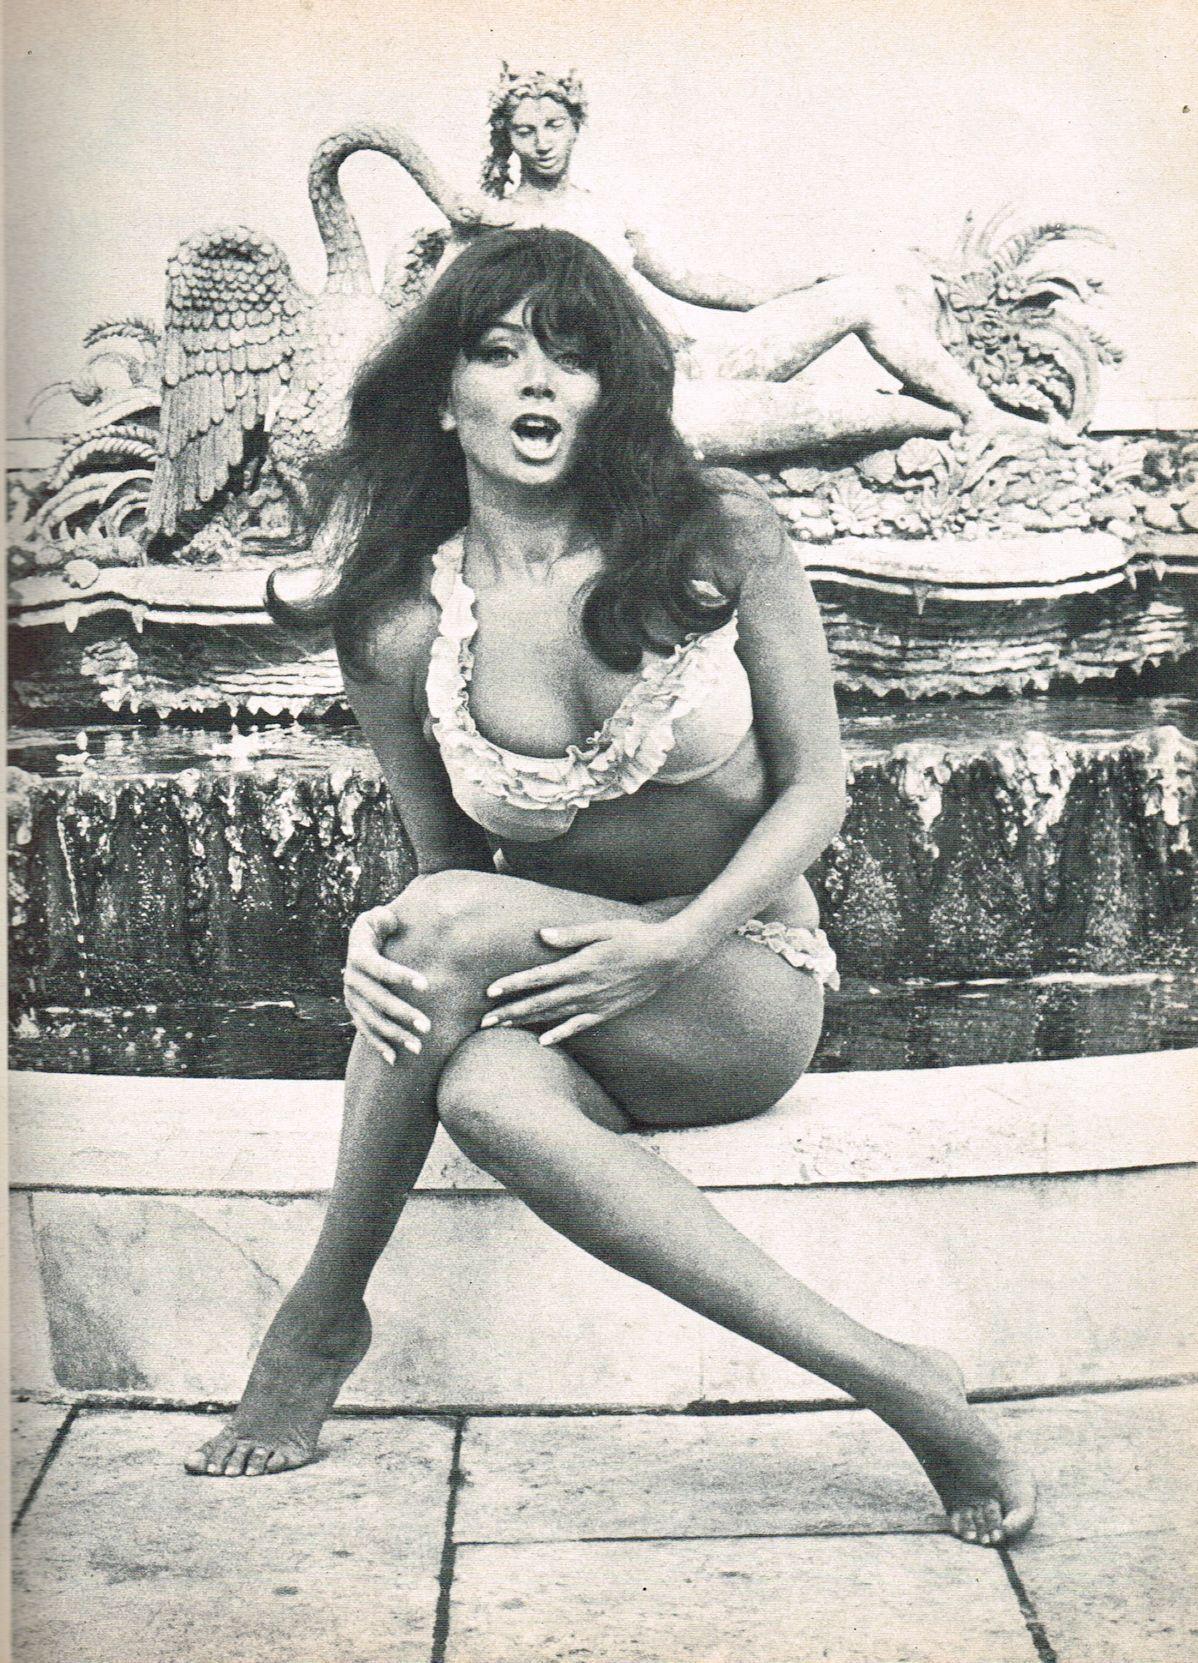 Maria Grazia Buccella (born 1940)